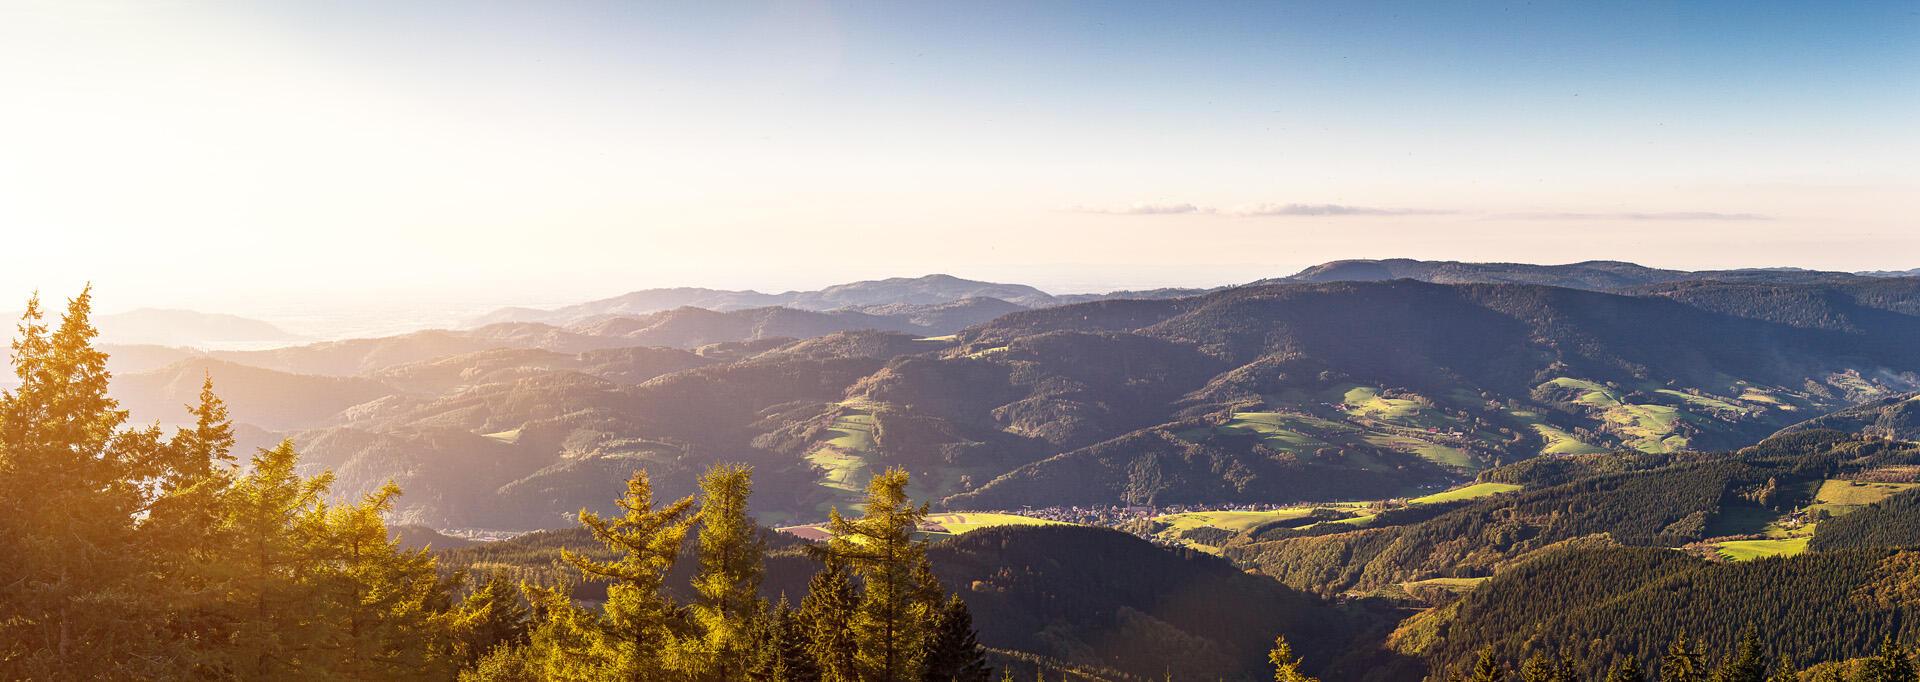 Mountains view near Precise Resort Baden Baden